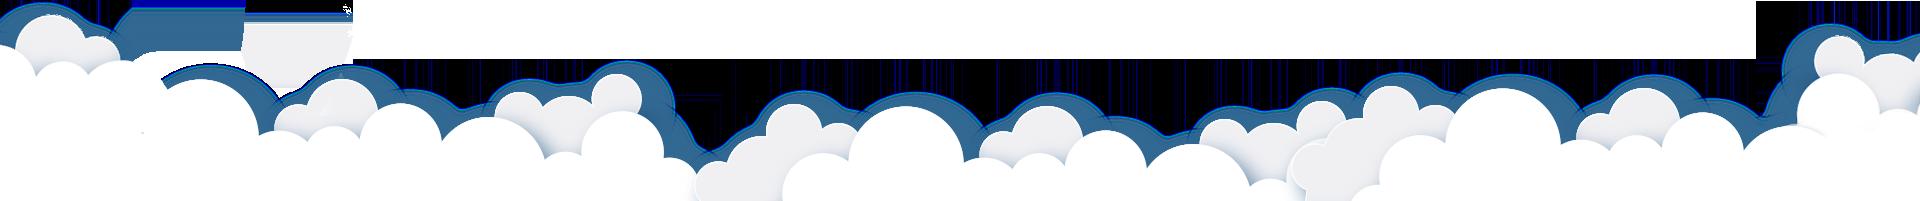 clouds-flowerpots-banner